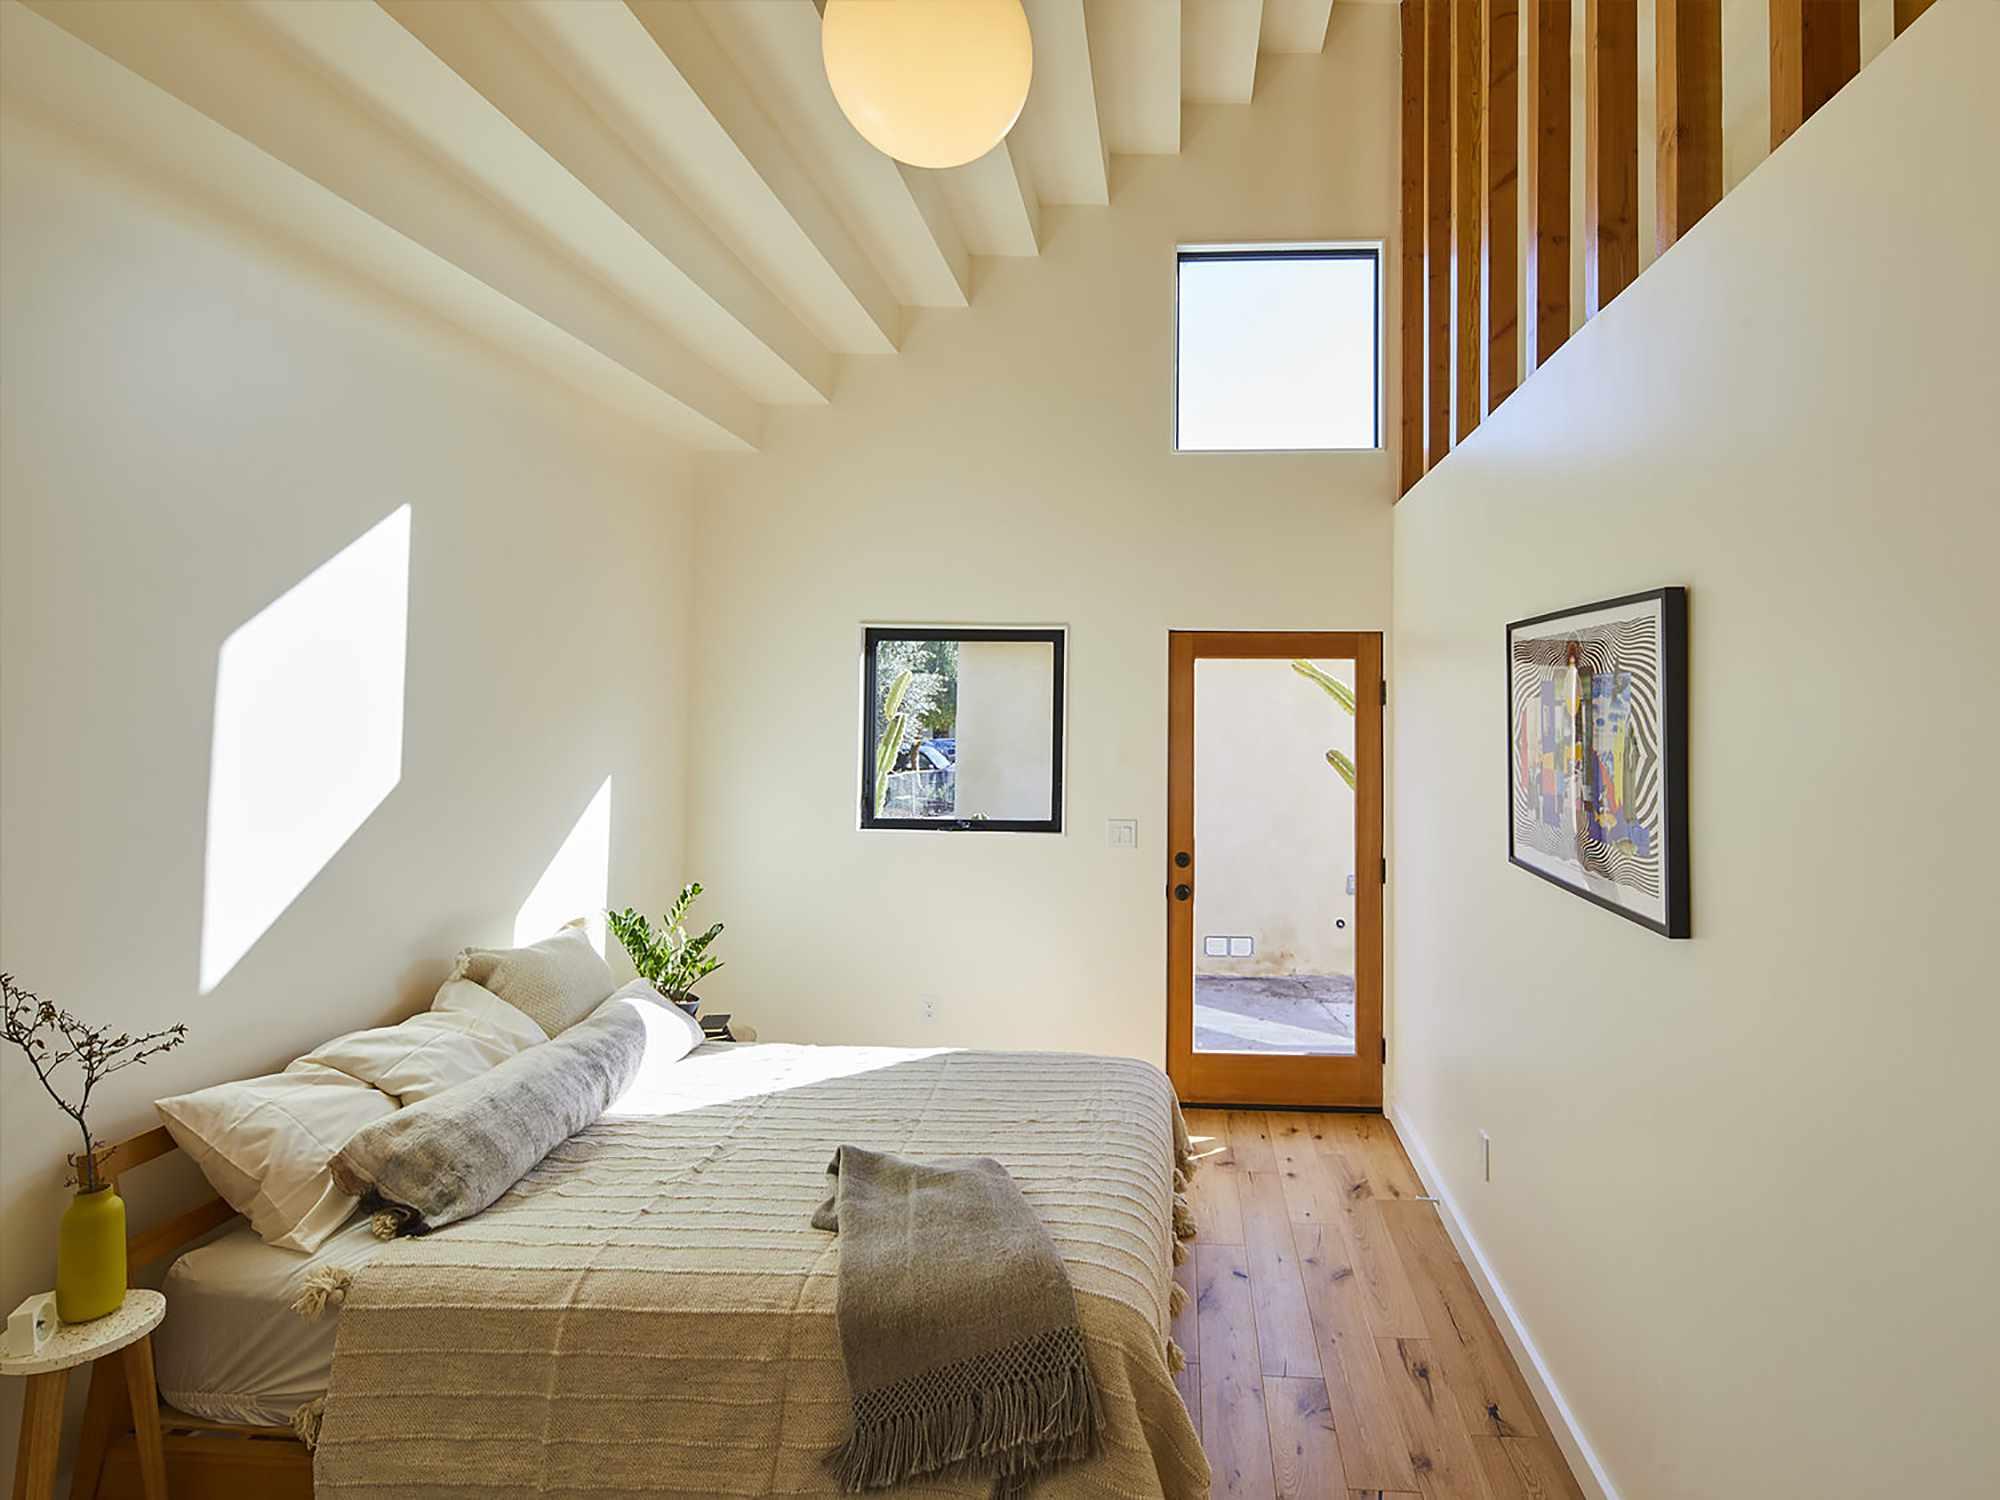 Highland Park ADU by Bunch Design bedroom